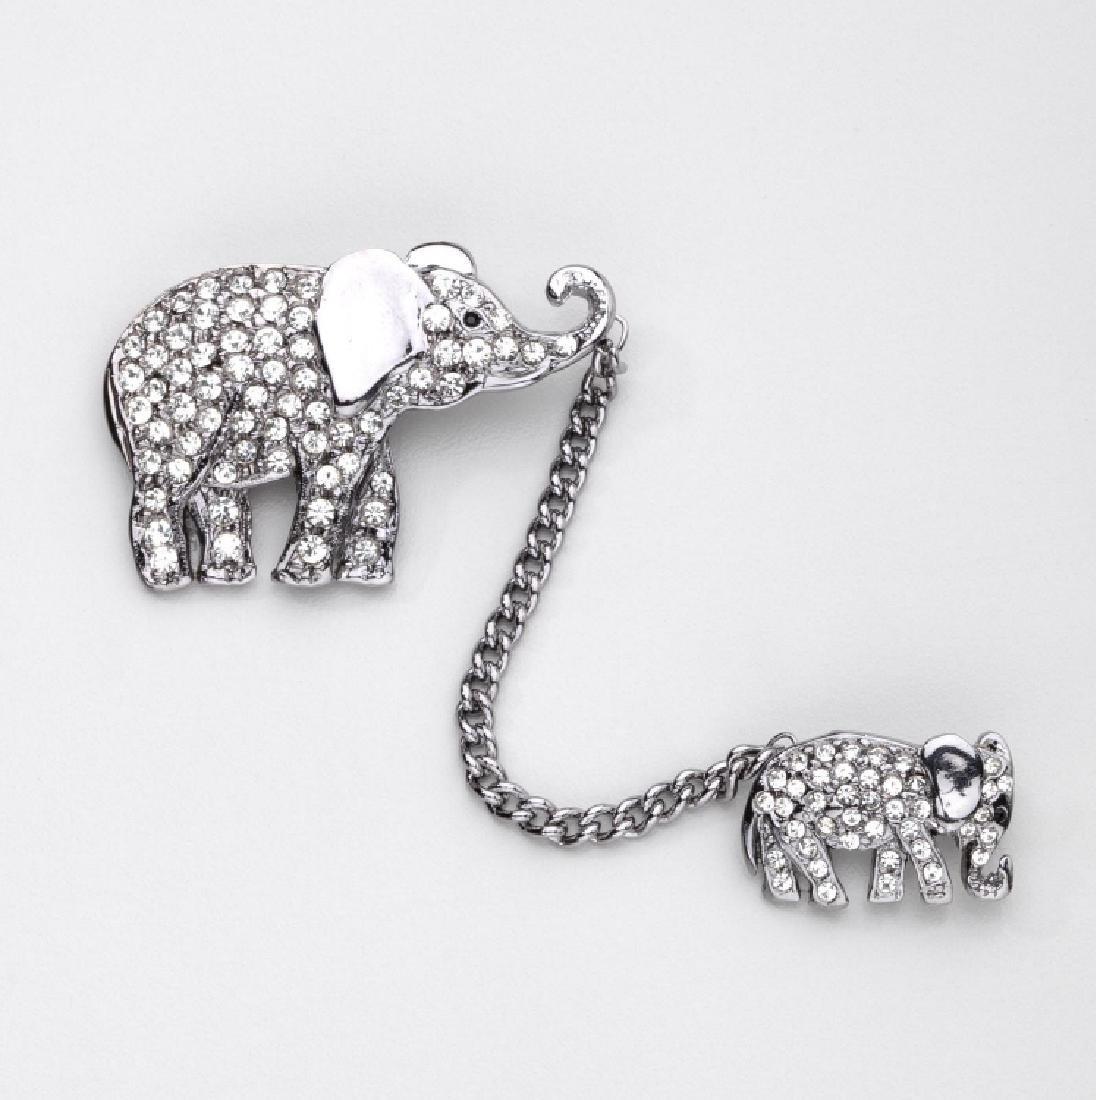 BUTLER & WILSON RHINESTONE PAIR OF WALKING ELEPHANTS